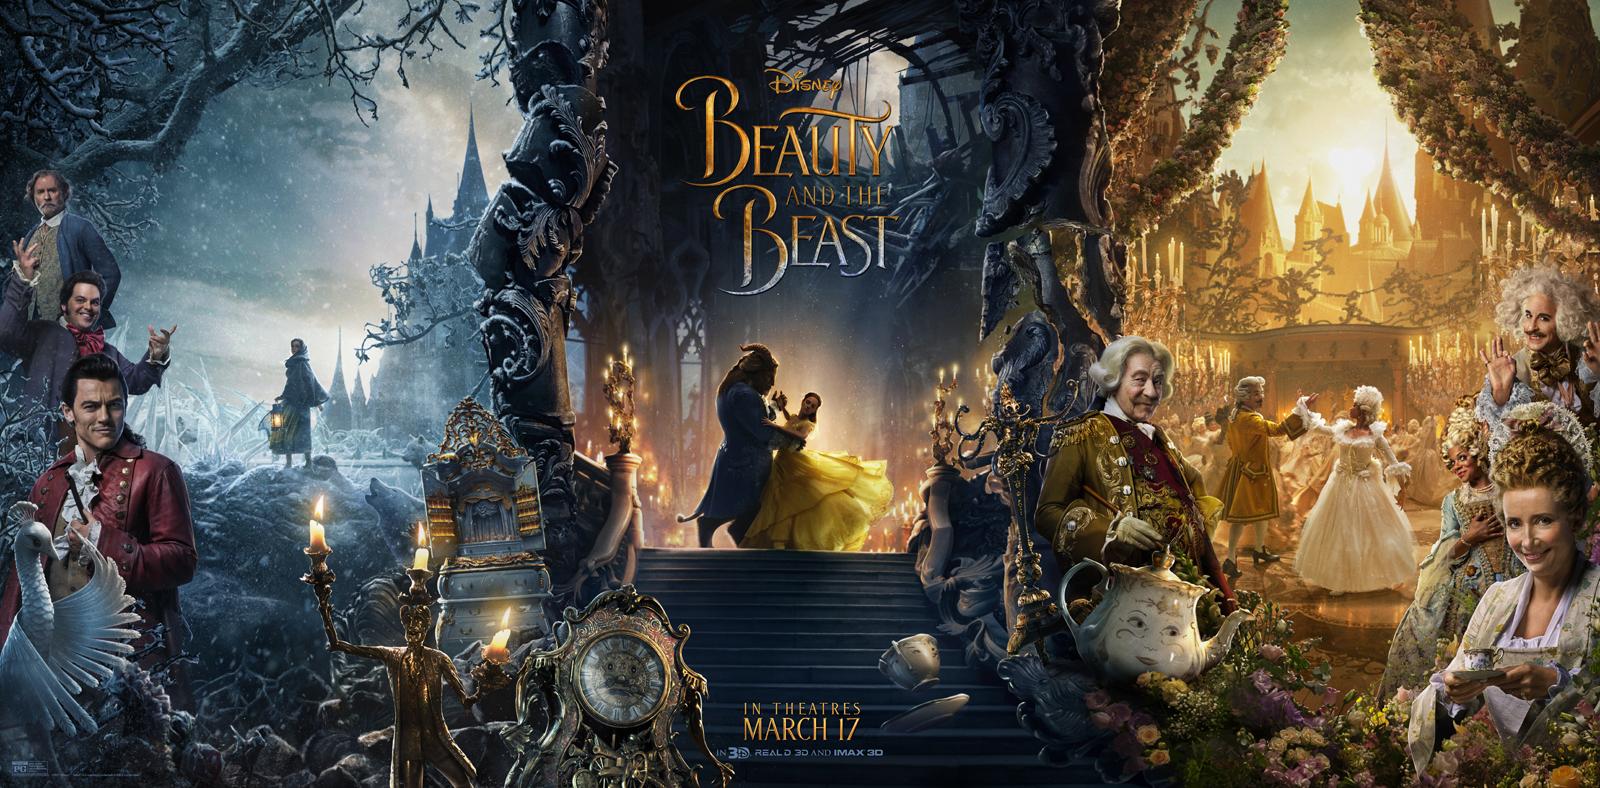 Kutukan Sekuntum Mawar, Persembahan Menarik Disney